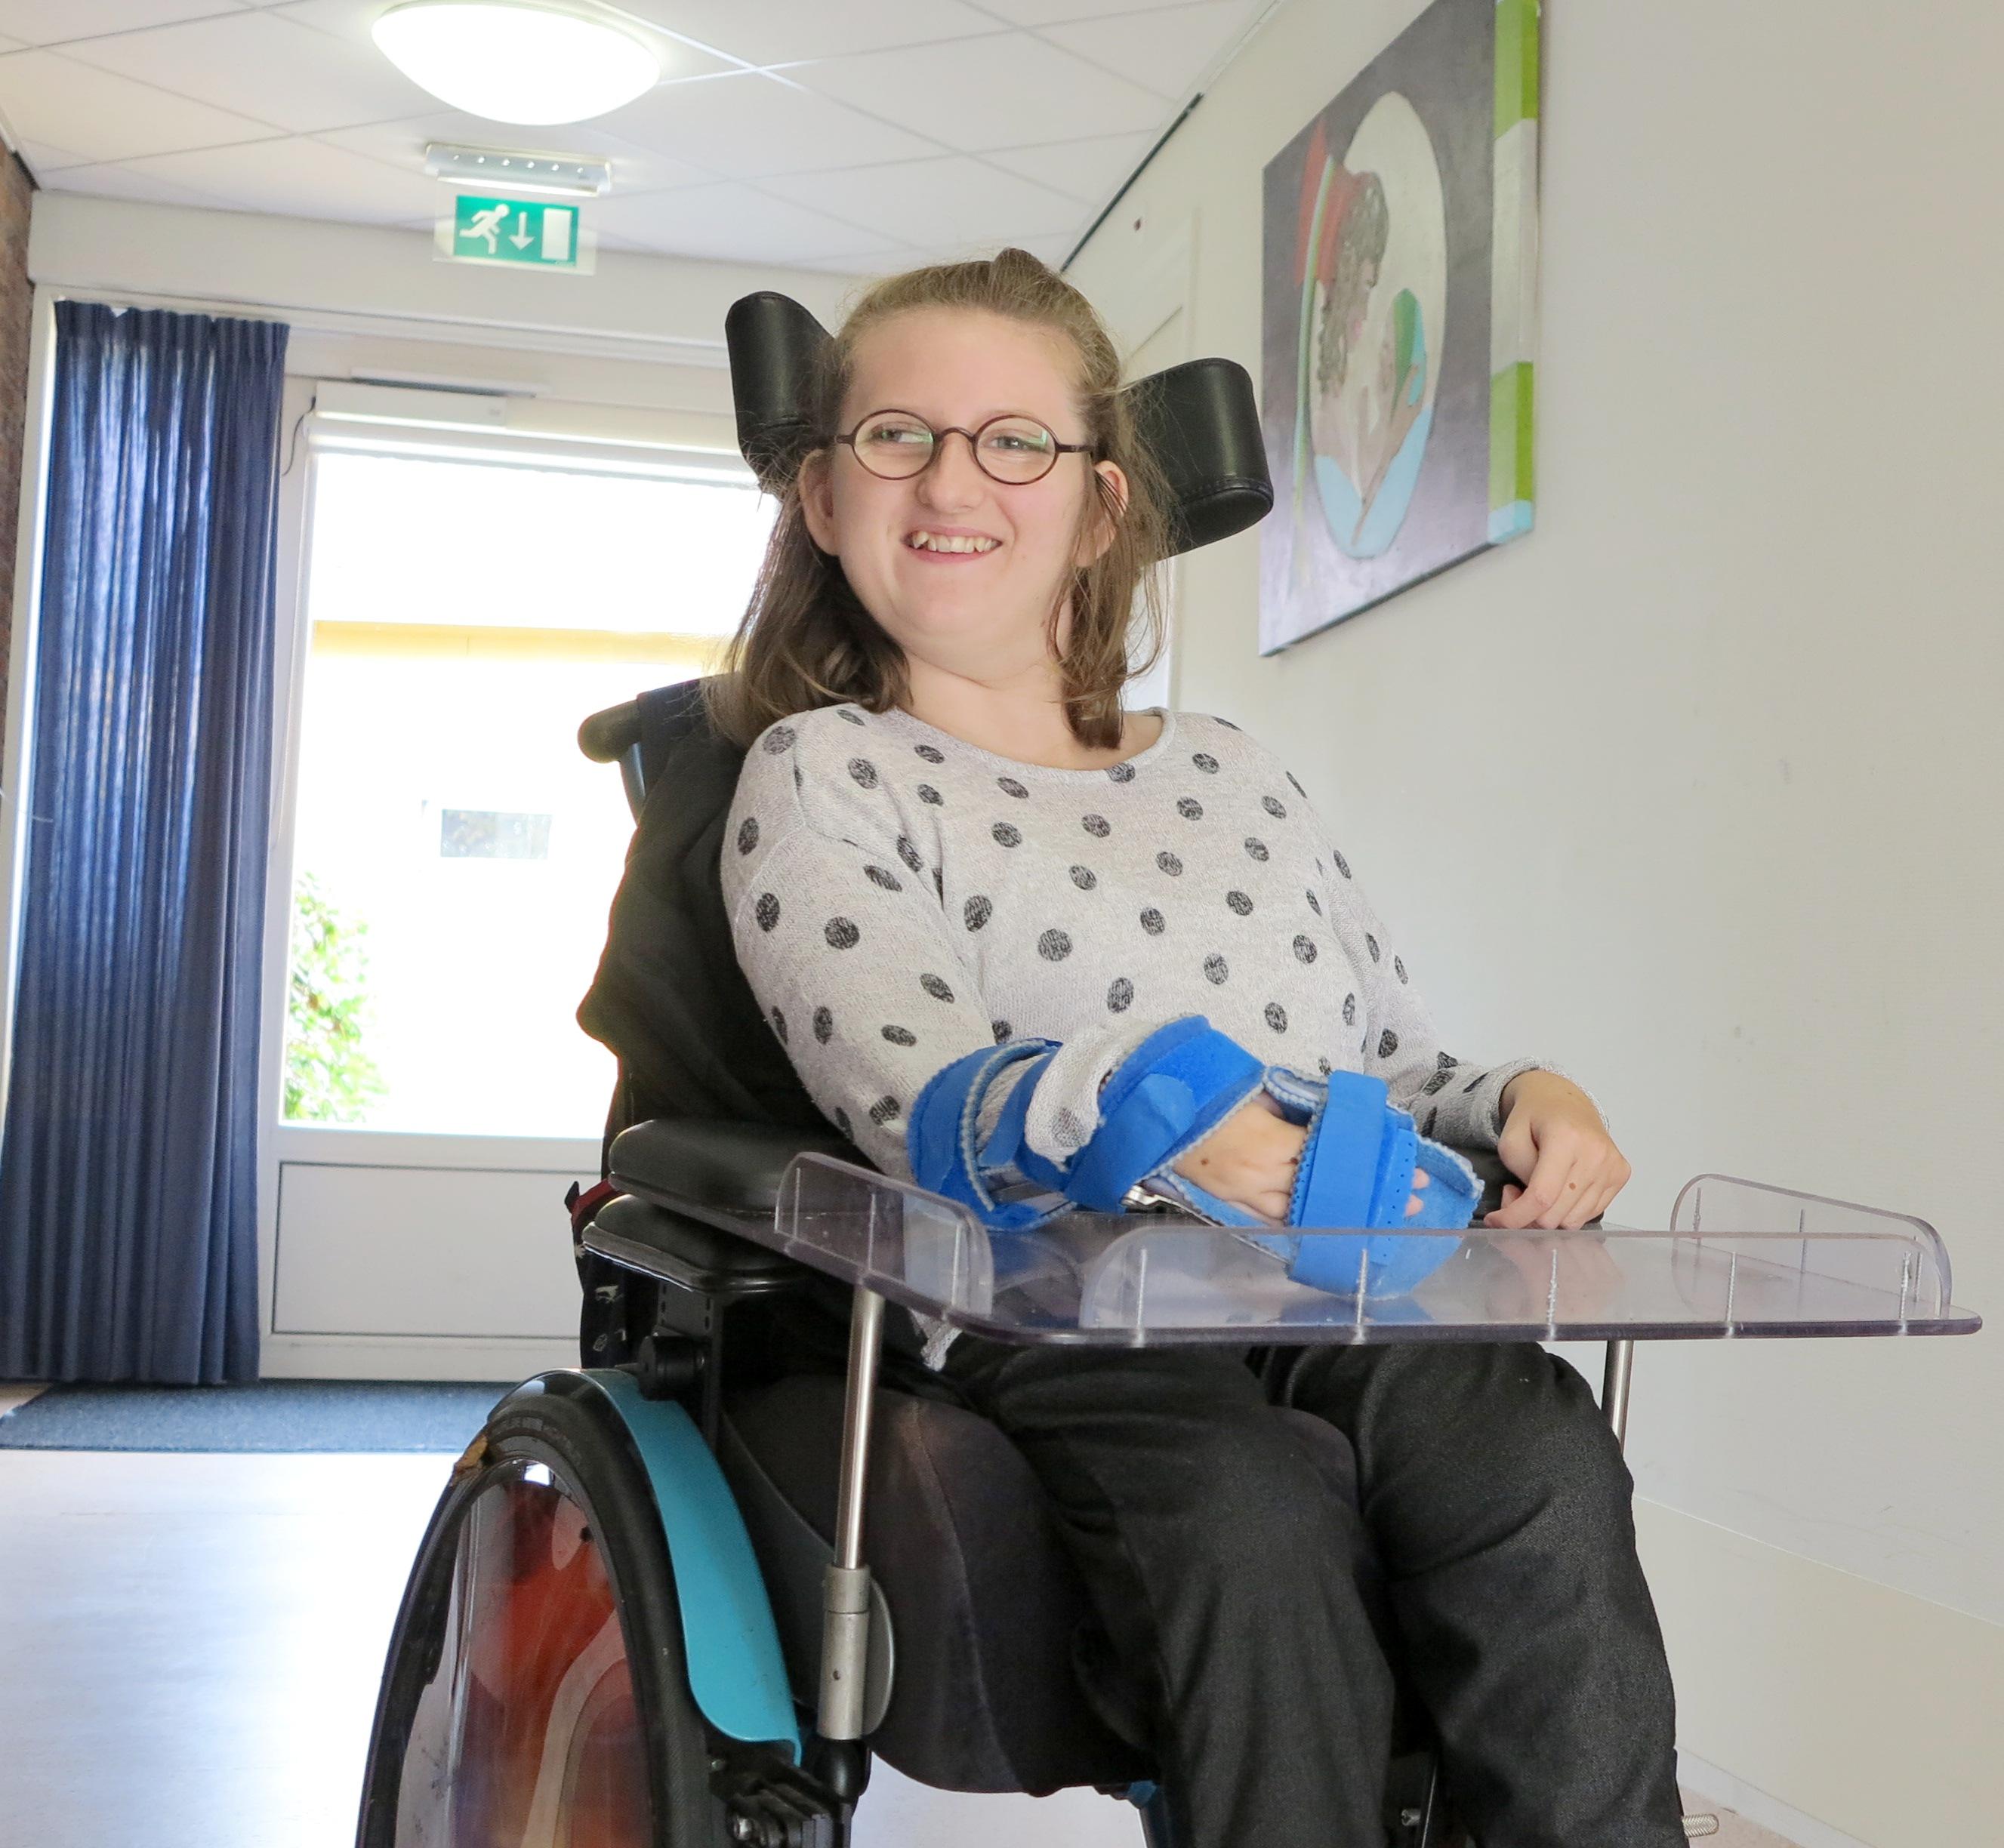 De vijftienjarige Celeste Moetwil. (Foto: aangeleverd)